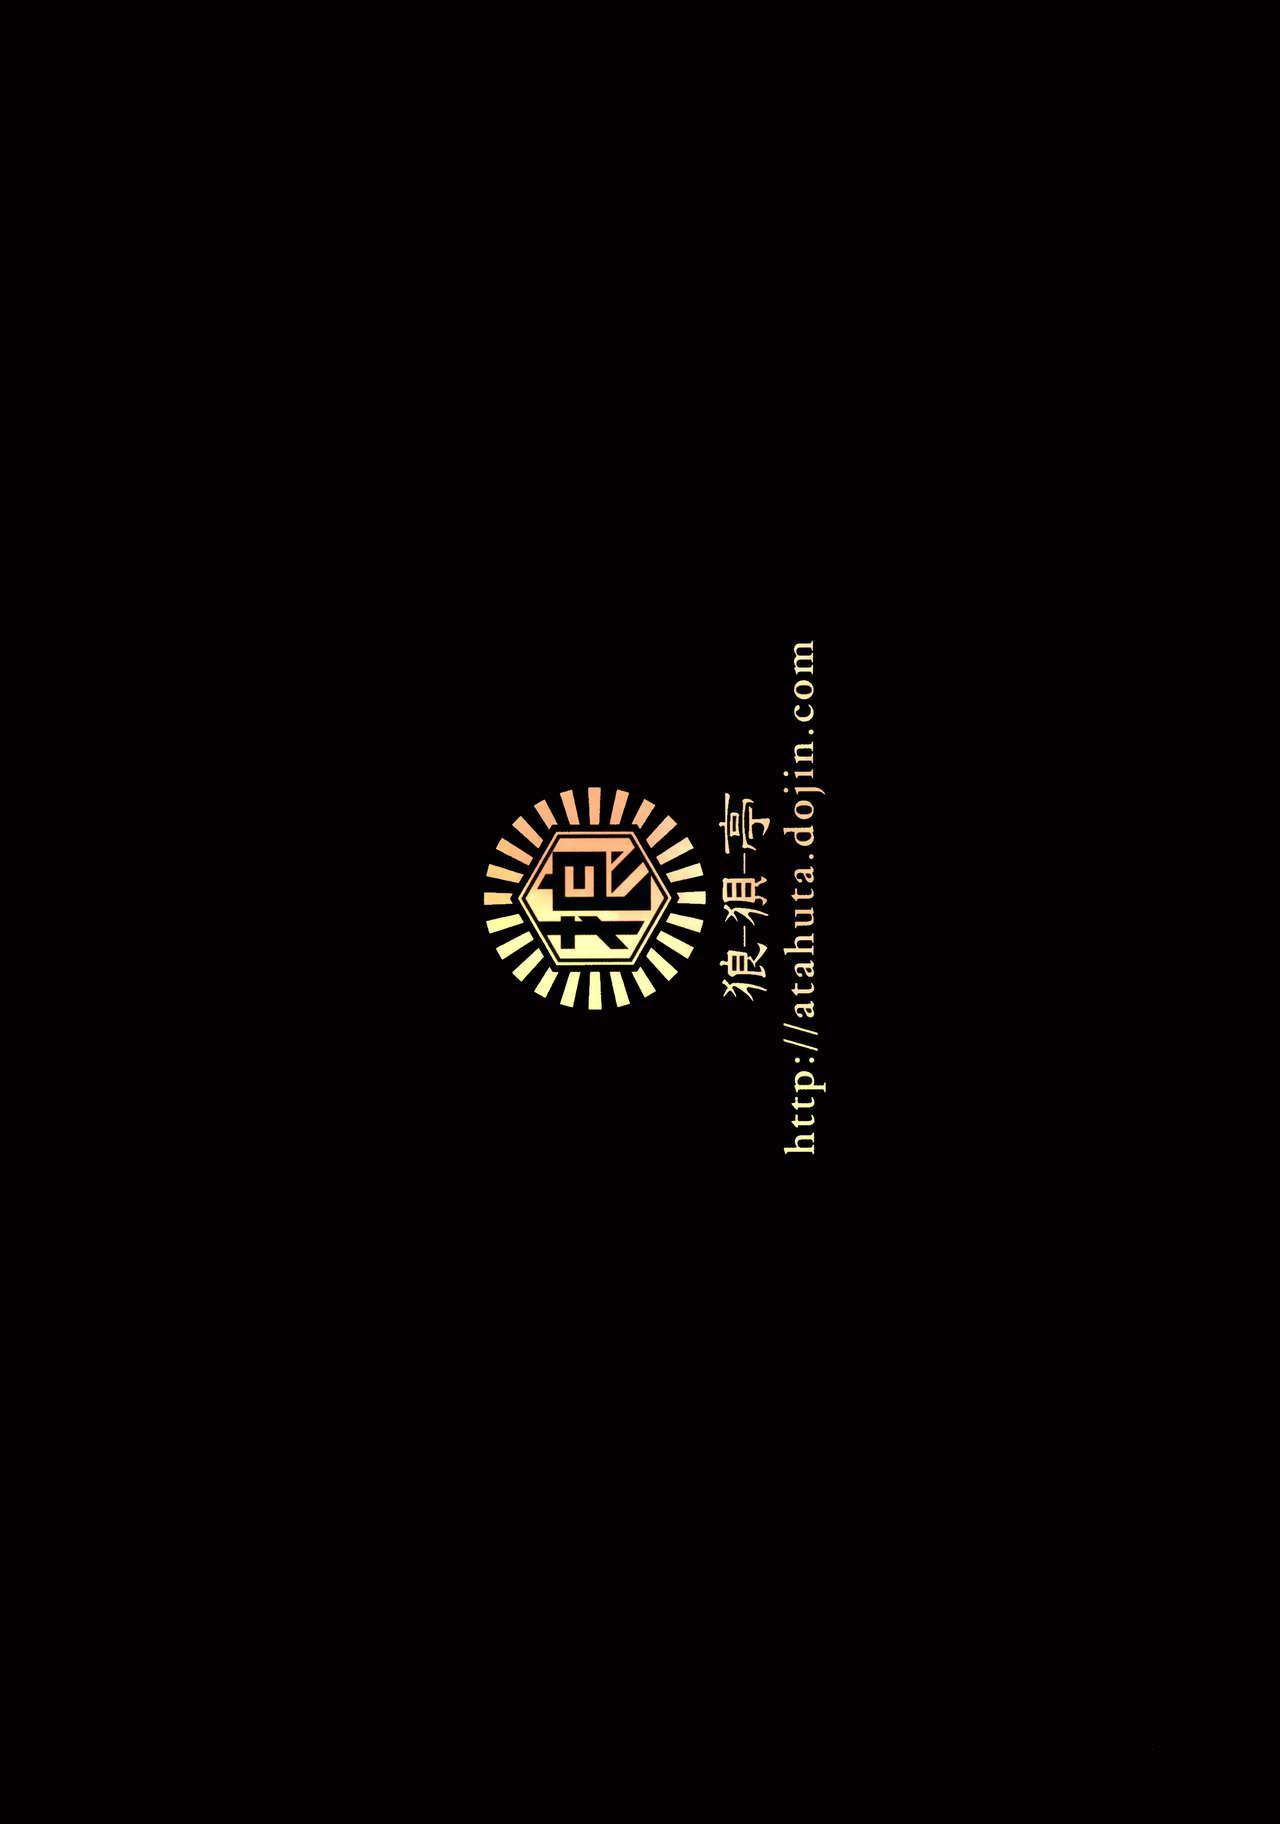 24-jikan Zu~tto Sudden Death de Risei o Girigiri Tamochinagara Otona Kaomake no Egui Sex 17